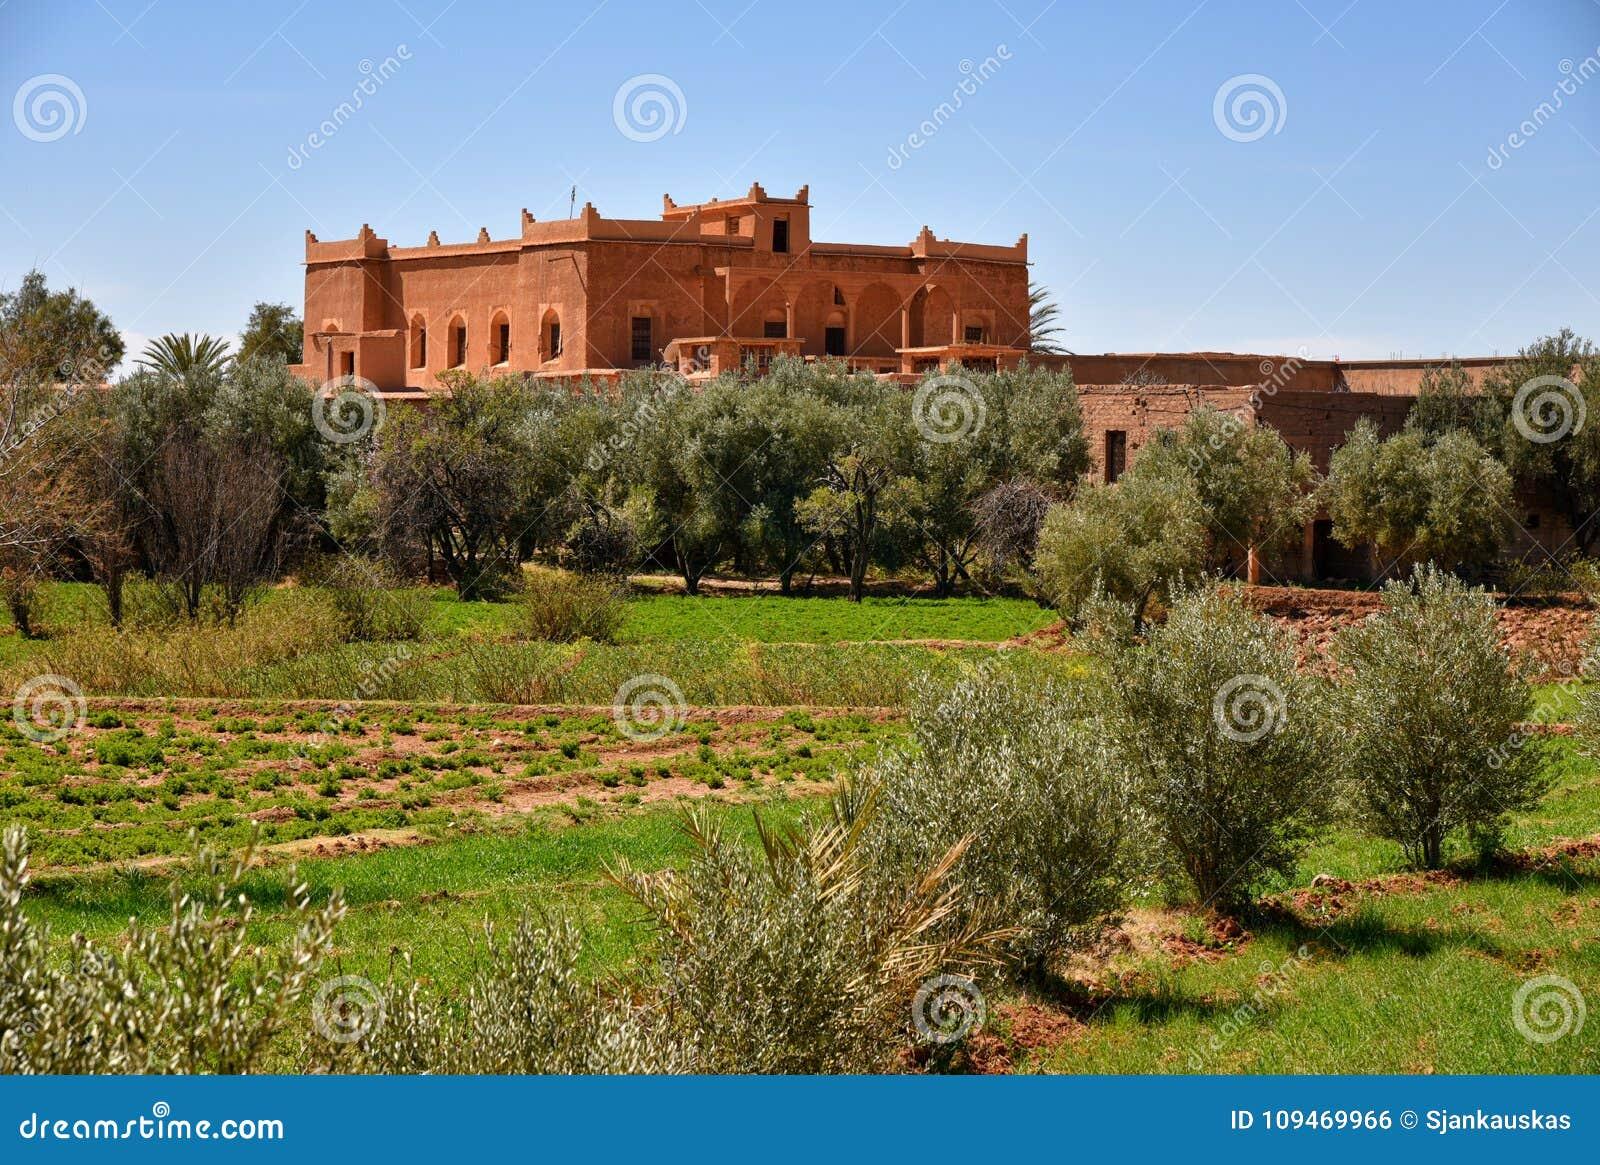 maison traditionnelle dans le paysage de campagne du maroc photo stock image du marocain. Black Bedroom Furniture Sets. Home Design Ideas